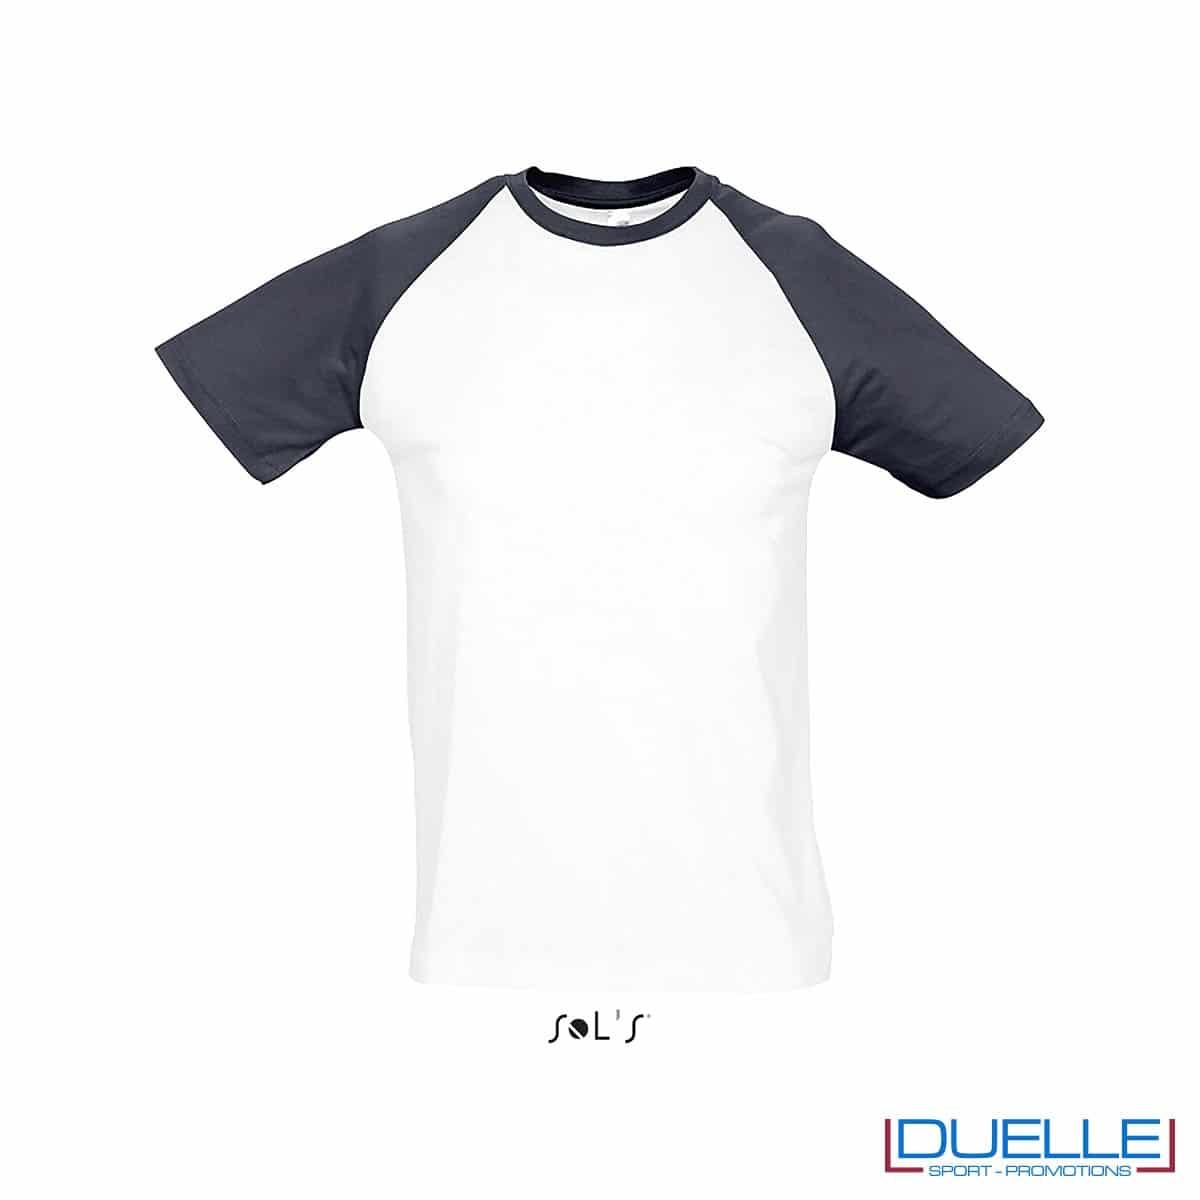 t-shirt personalizzata sportiva bicolore in colore nero e bianco, abbigliamento sportivo personalizzato